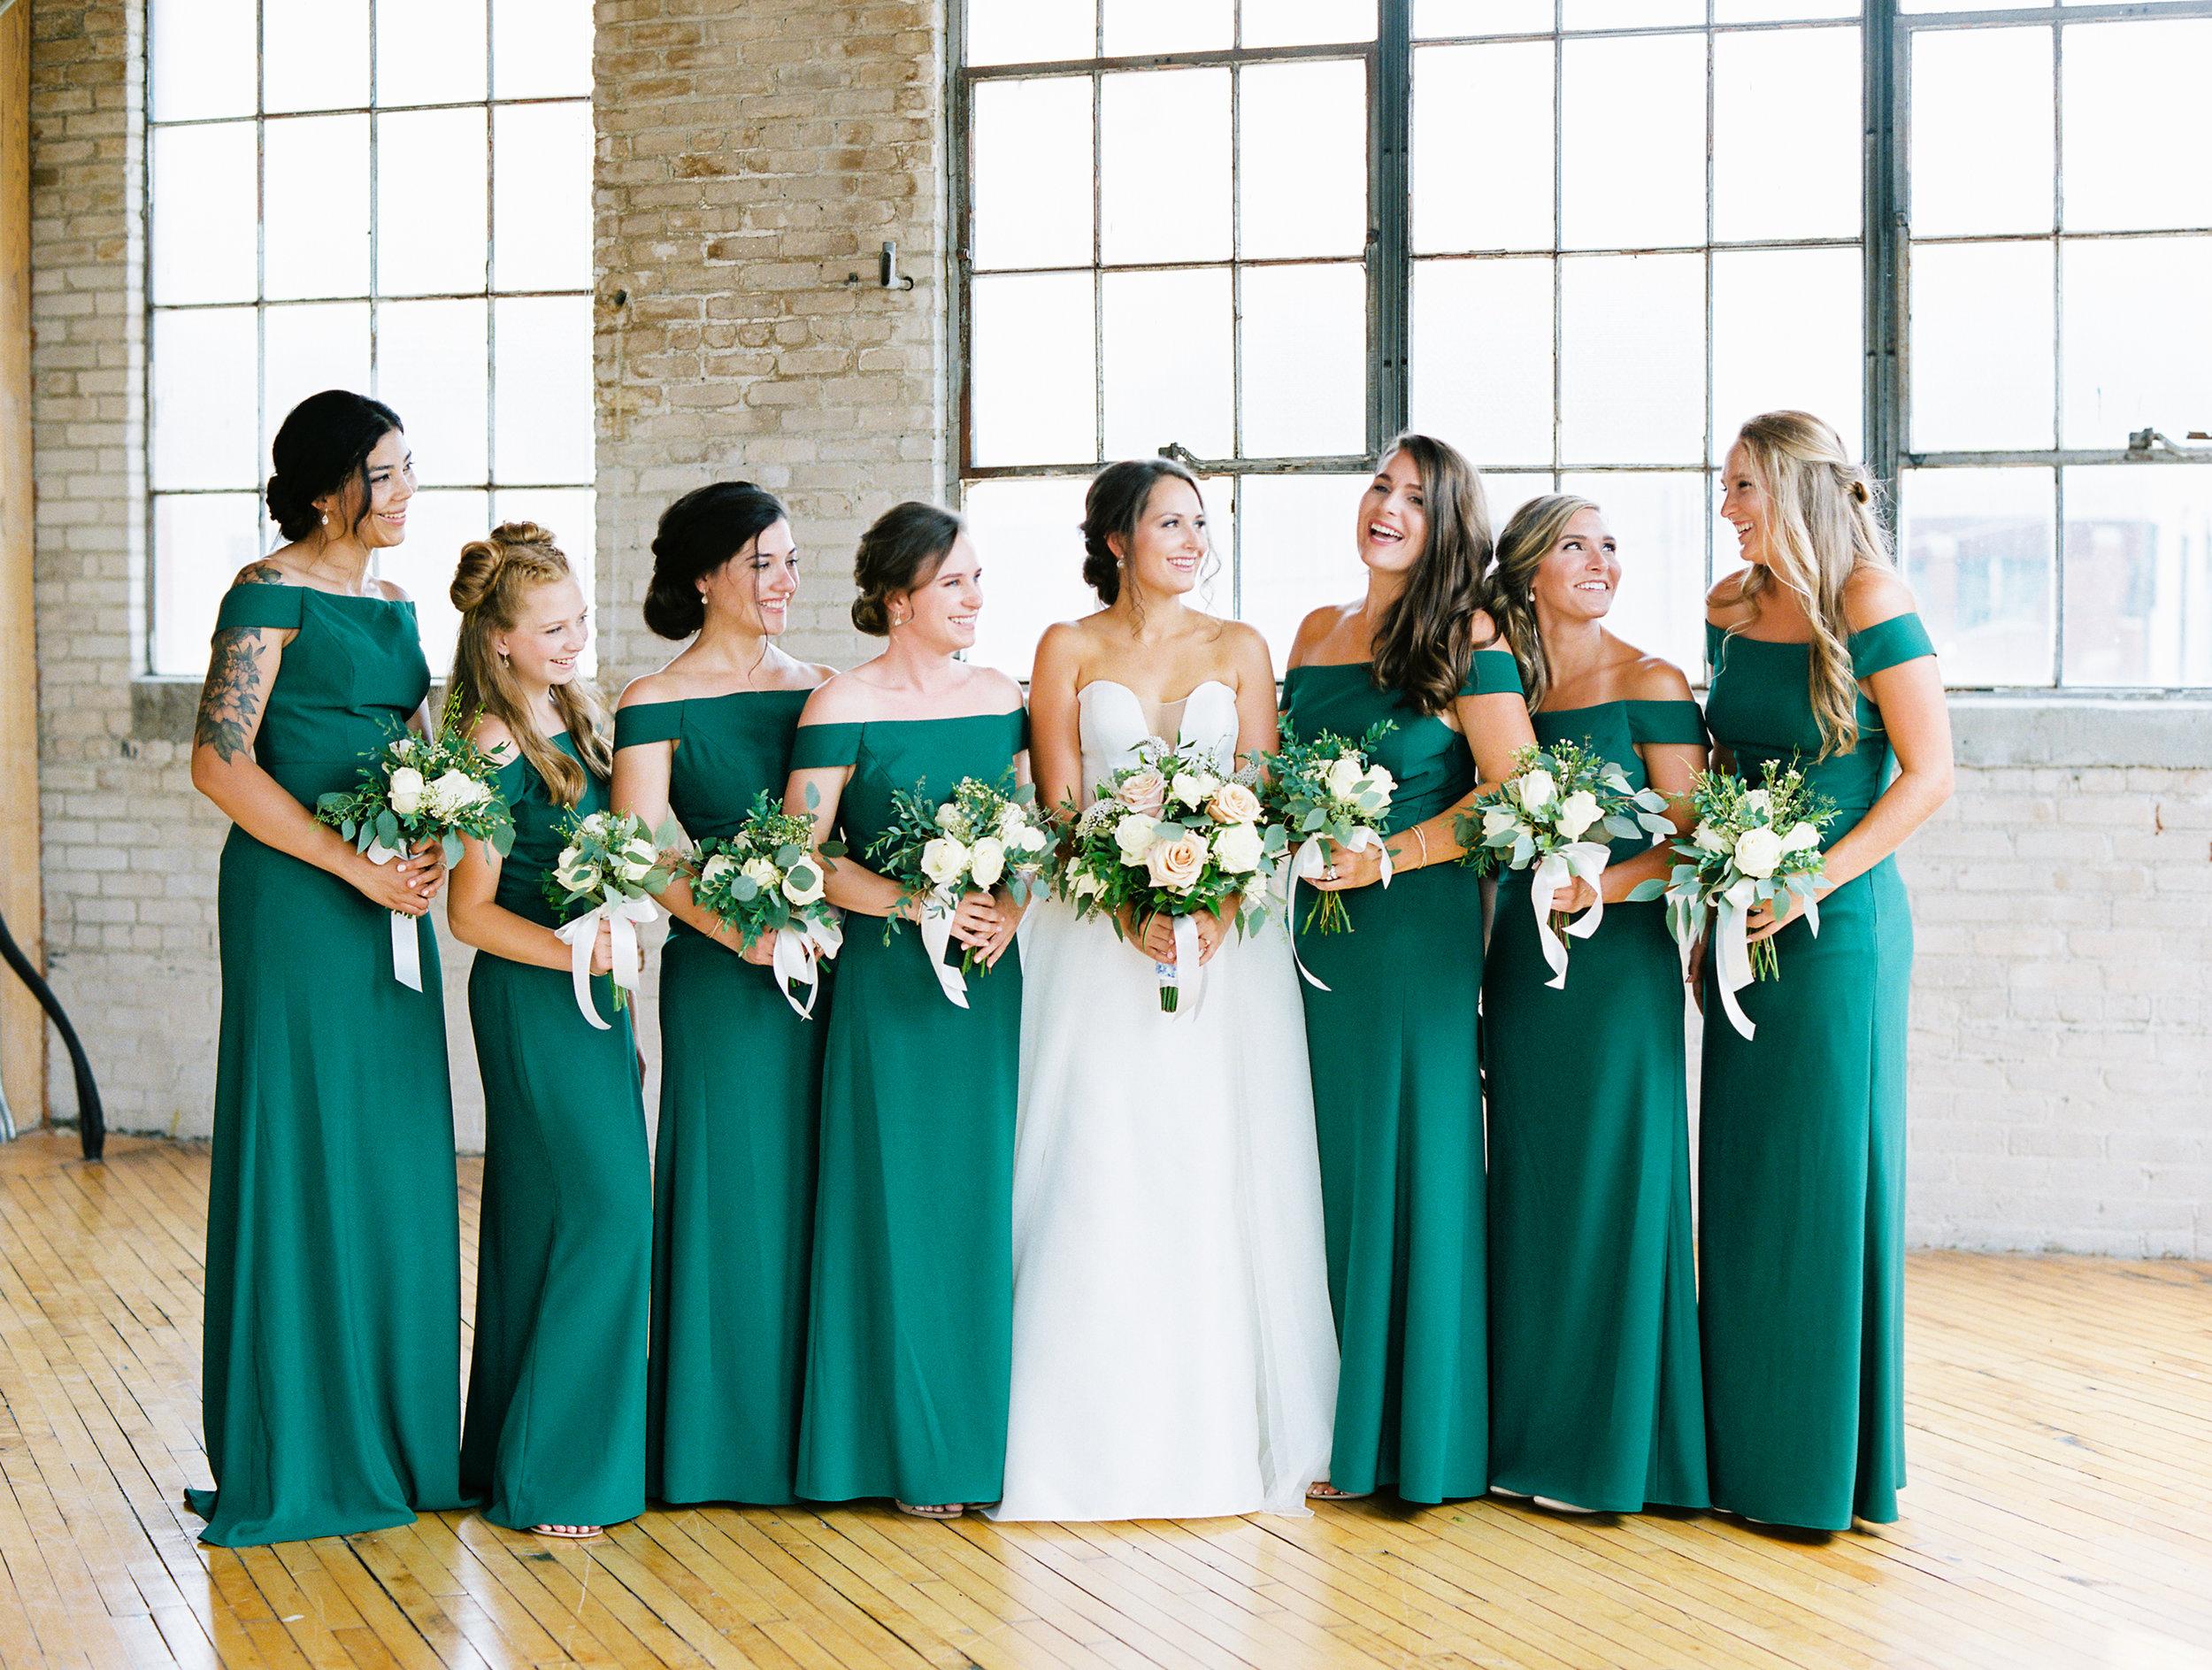 Steiner+Wedding+Bride+Bridesmaids-60.jpg